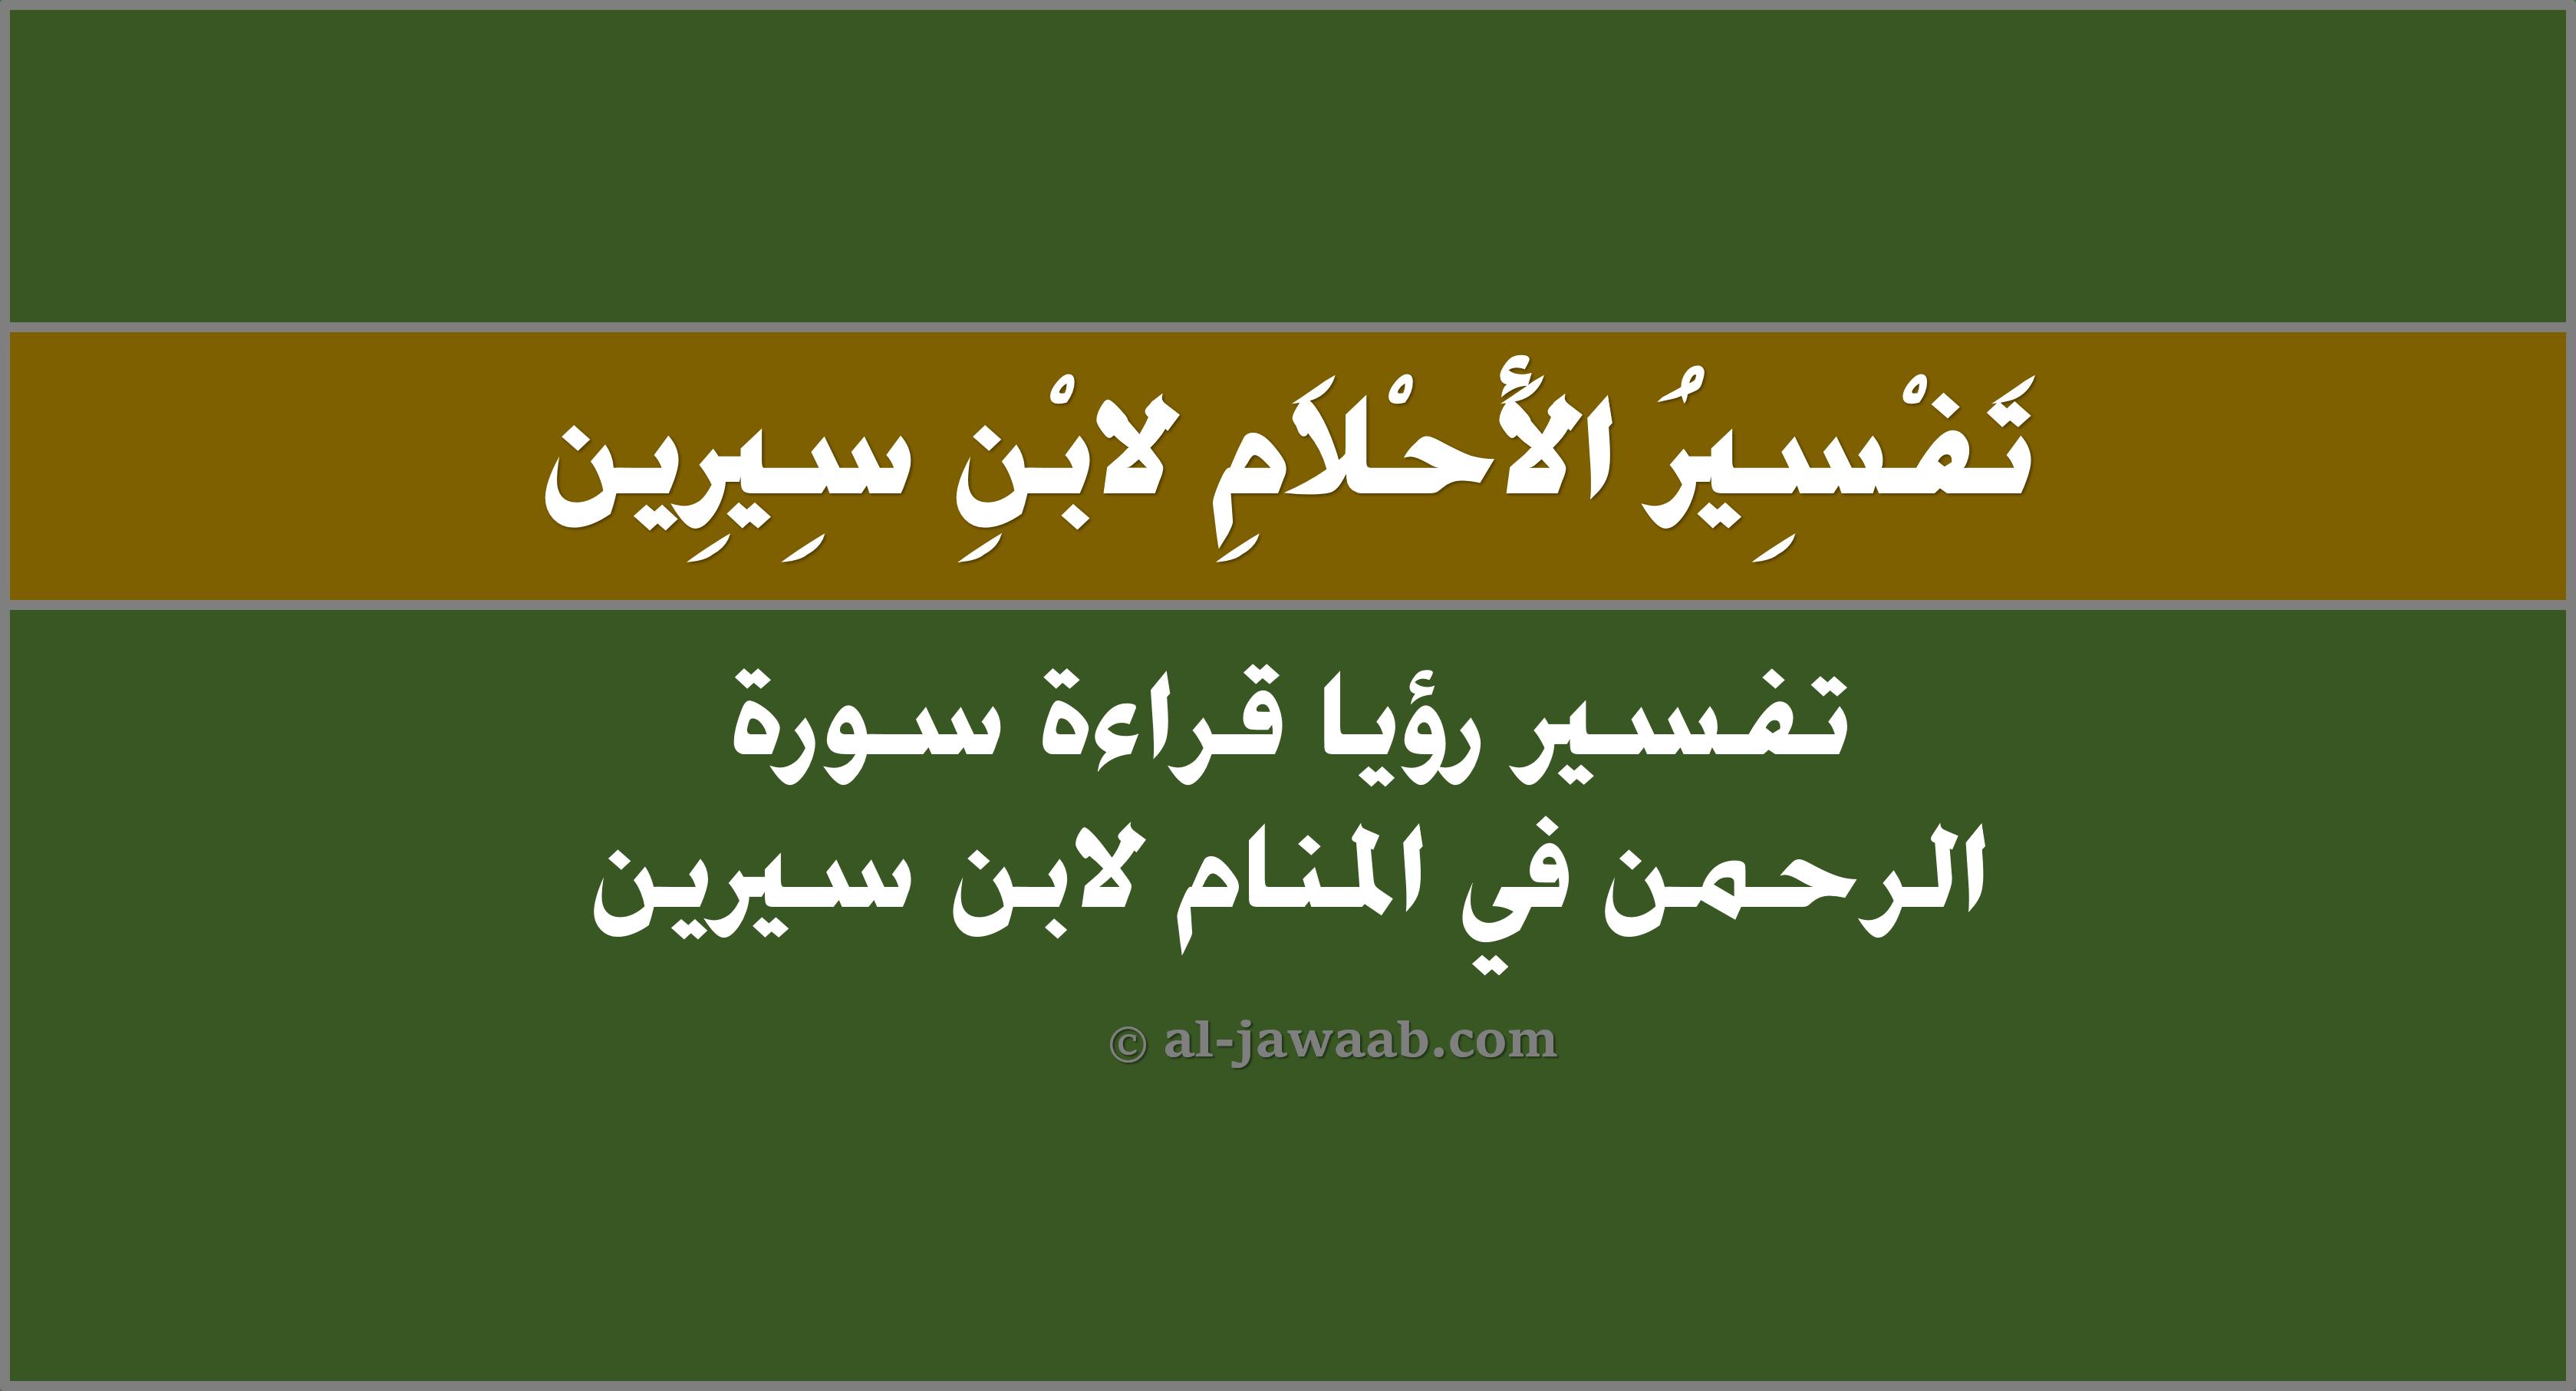 تفسير رؤية قراءة سورة الرحمن فى المنام لابن سيرين وابن شاهين